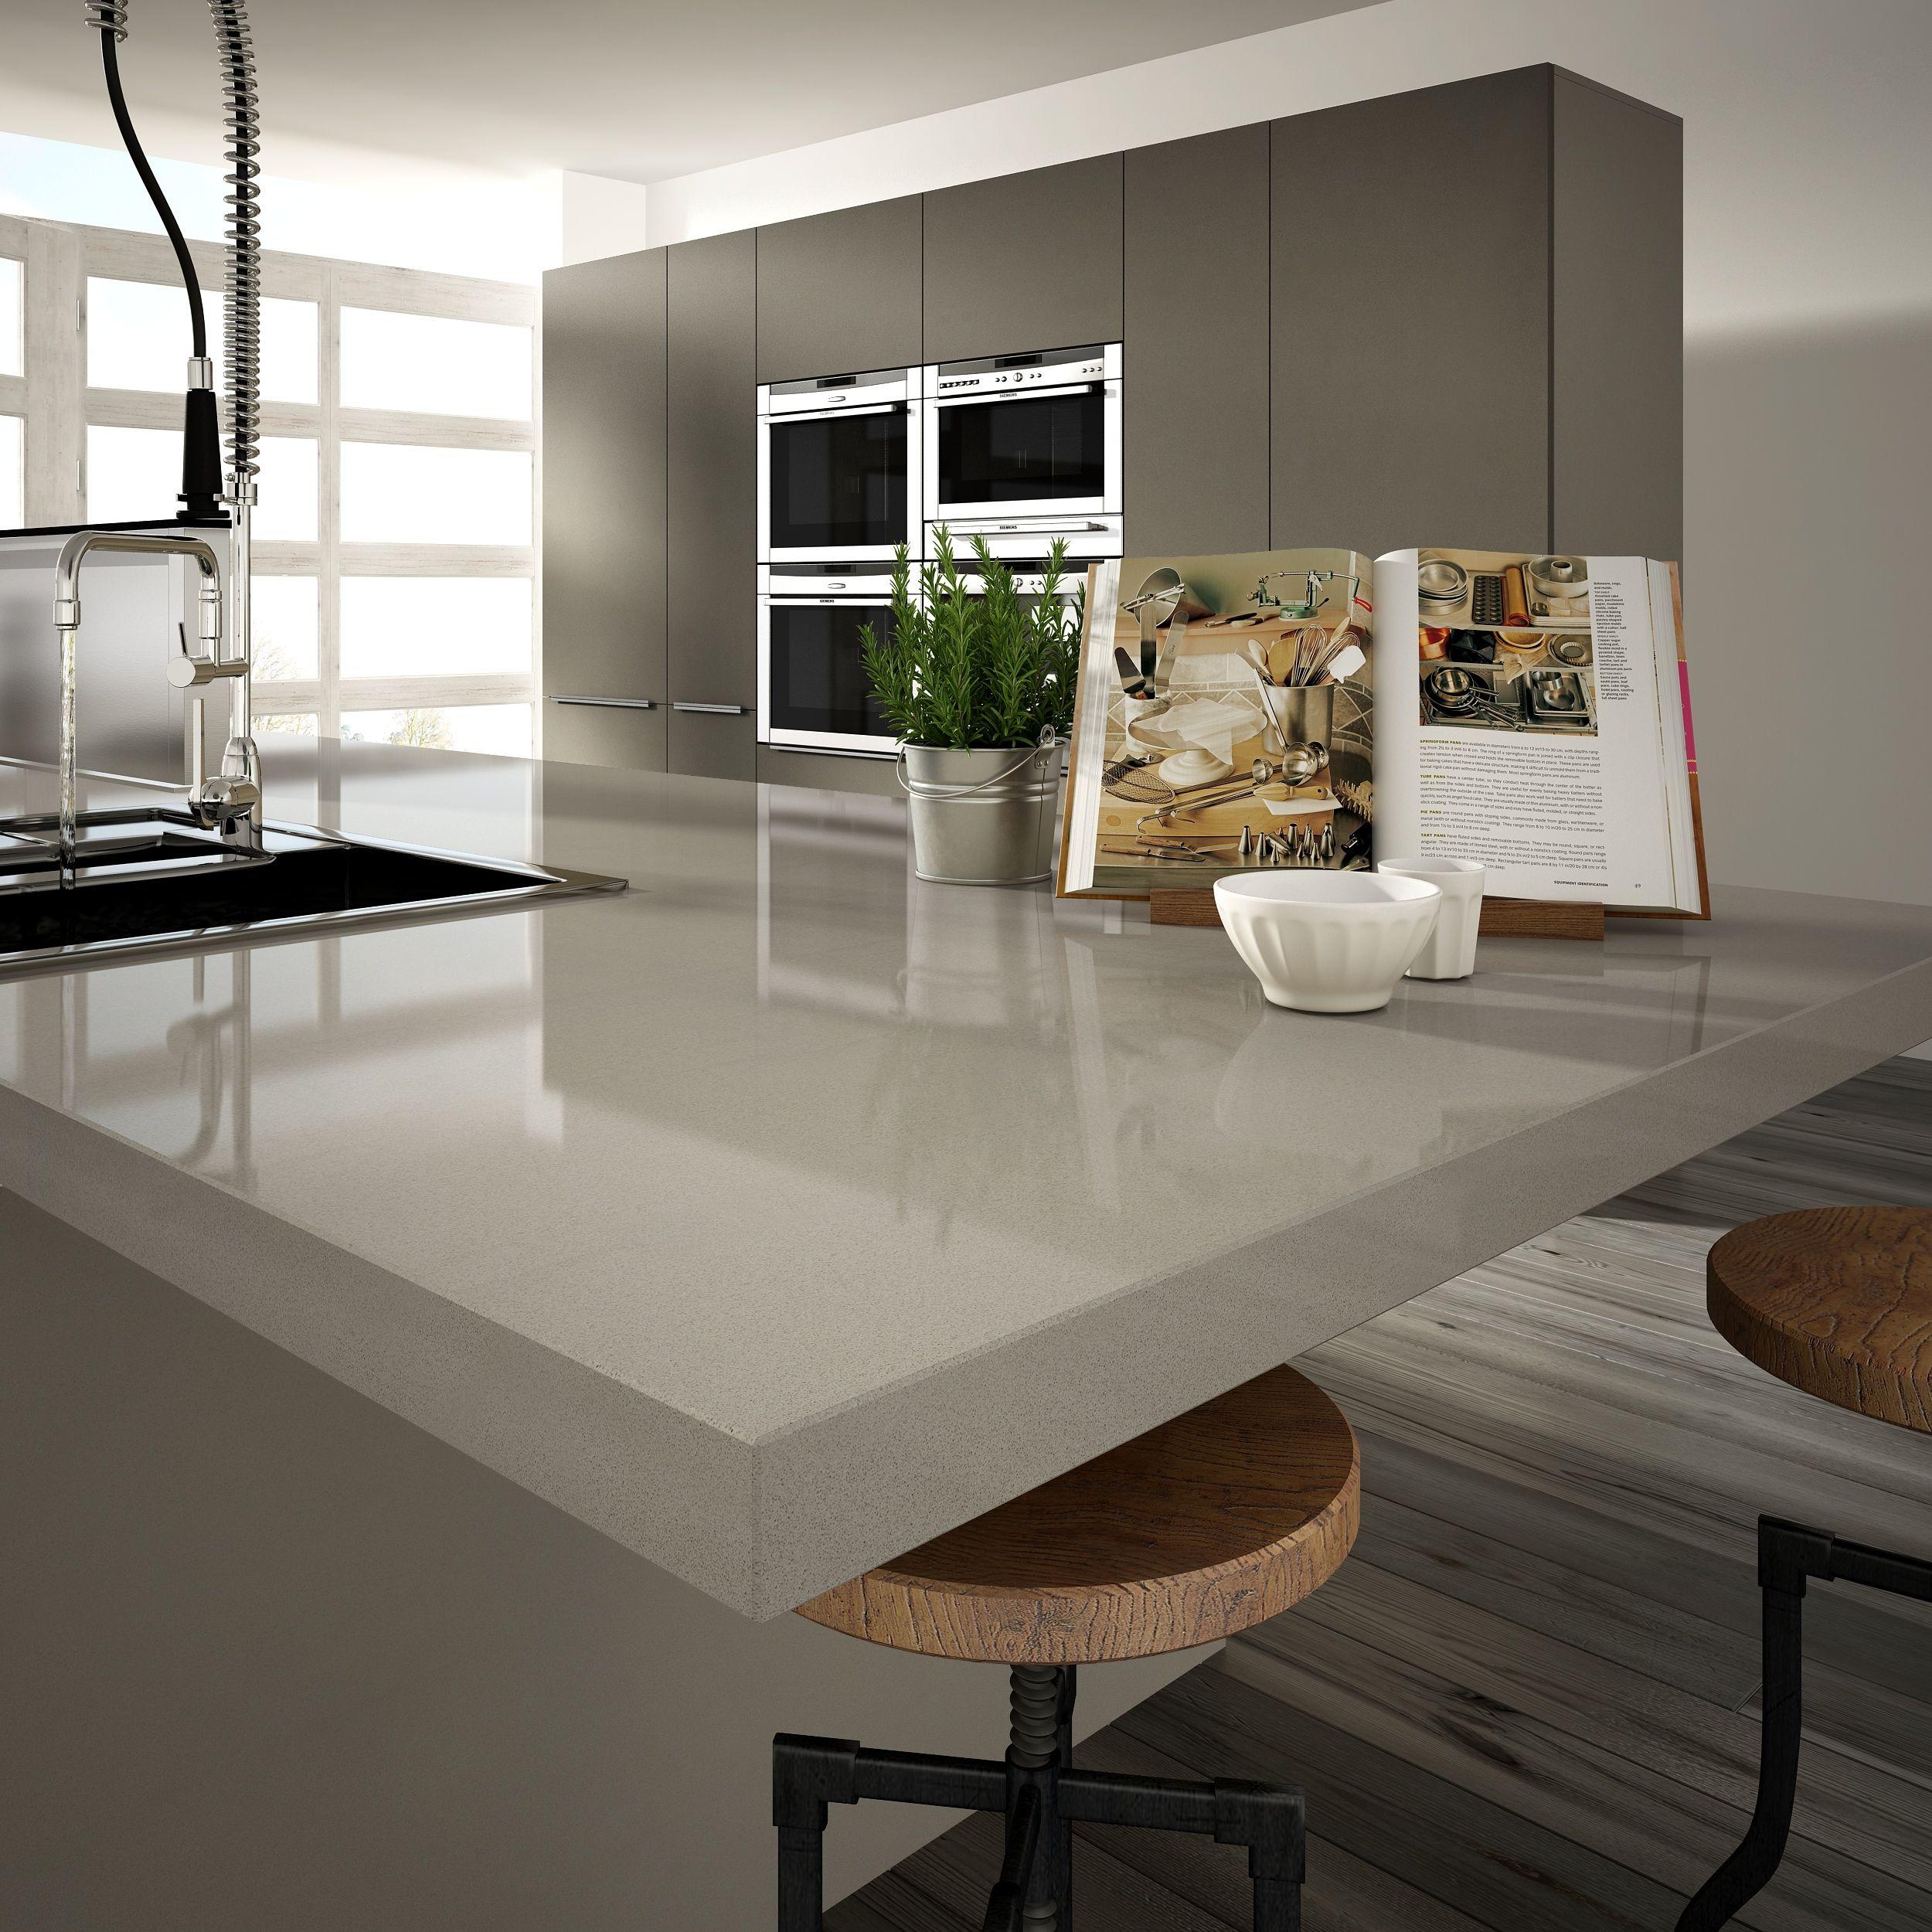 Degrease Kitchen Cabinets: Contactanos A Ventas@canterasdelmundo.com Www